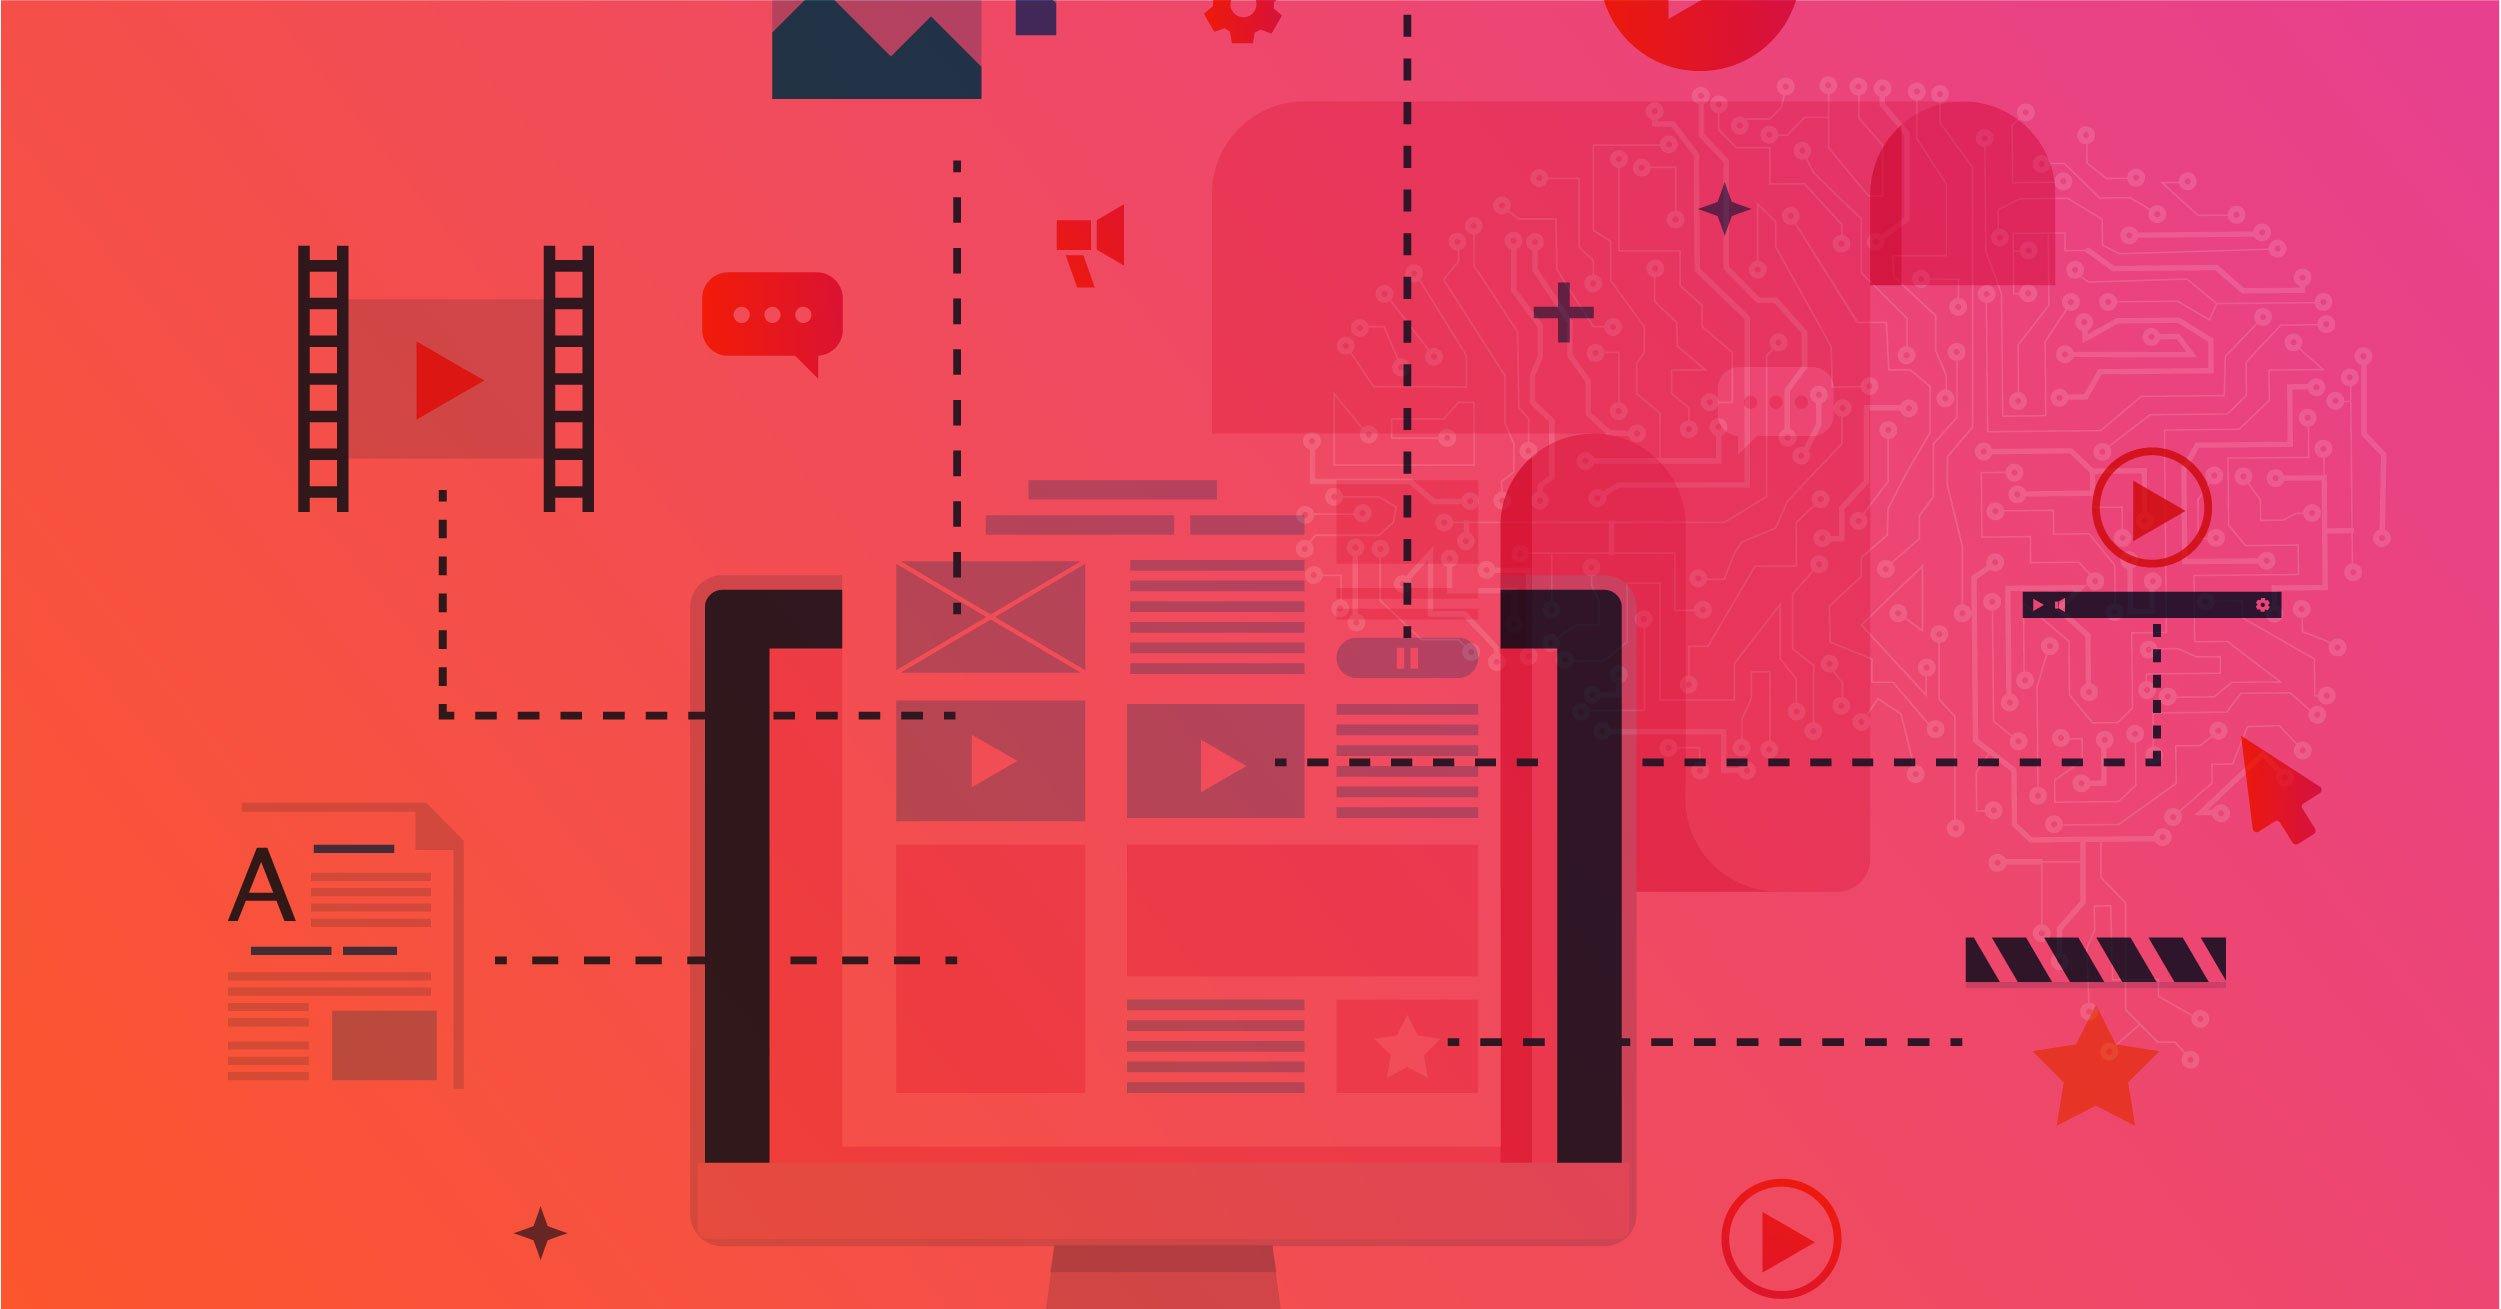 Ilustração dos processos e estratégias de Marketing de Conteúdo